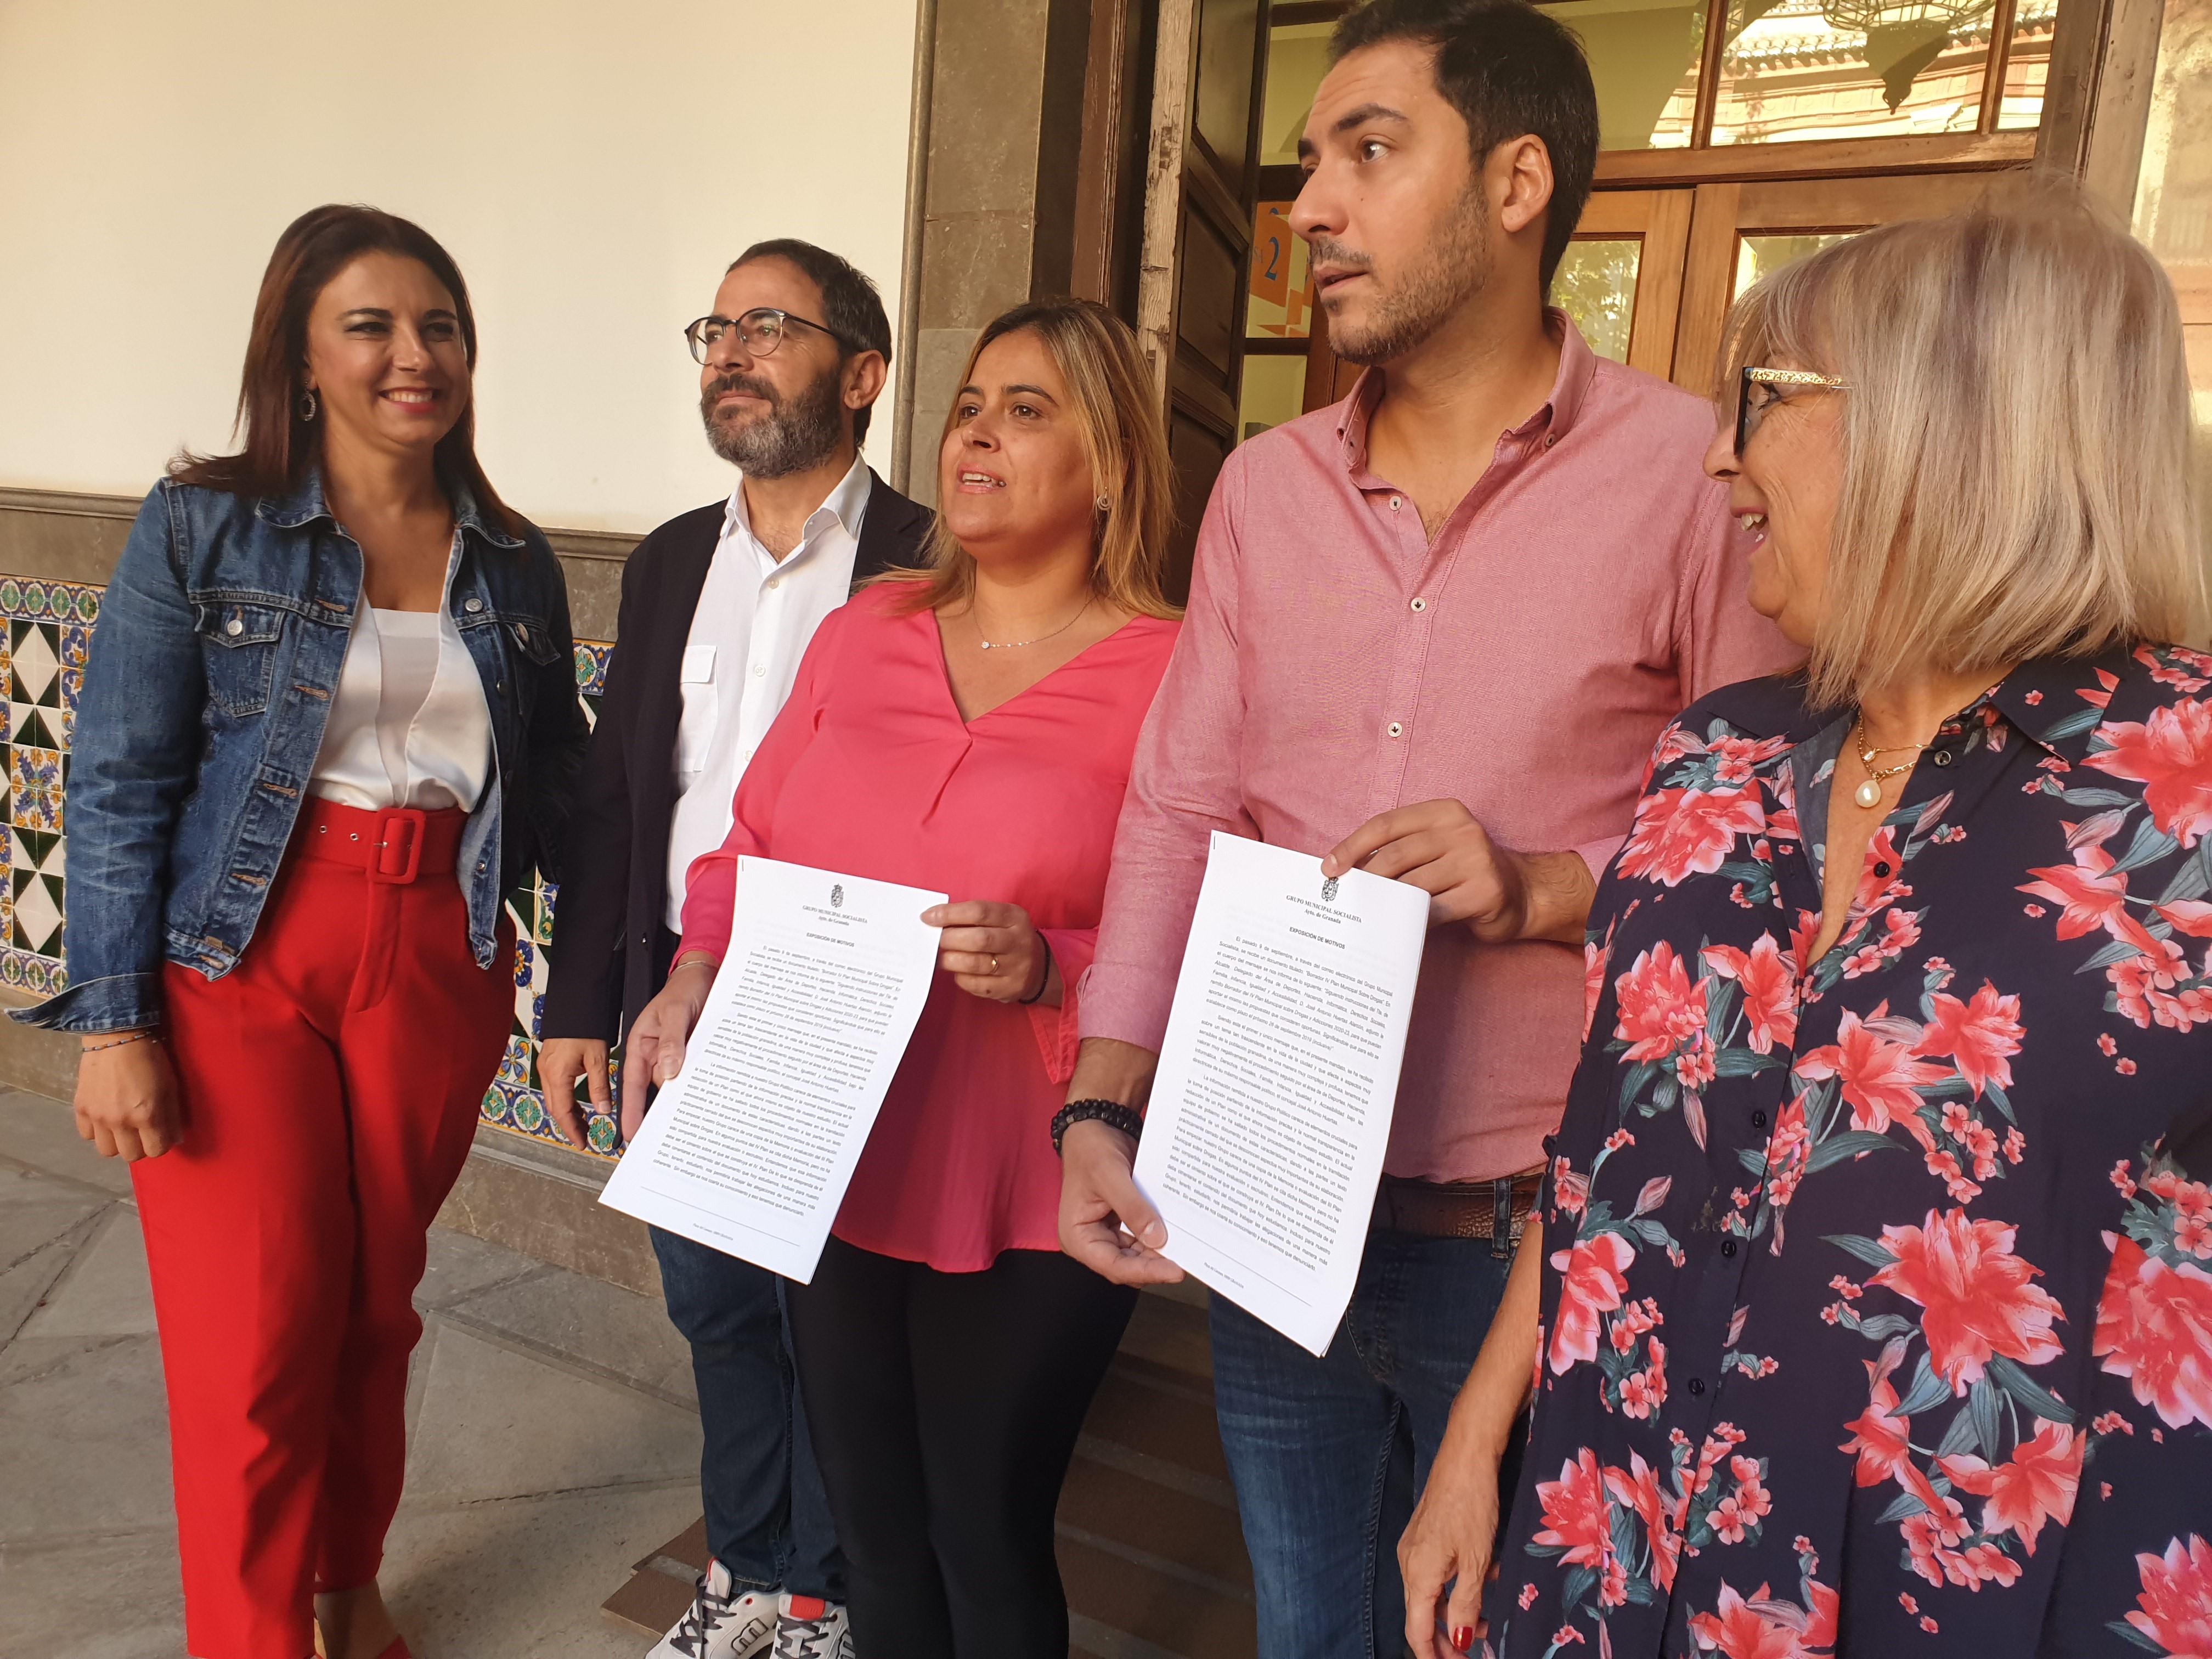 El PSOE critica que la derecha esté recortando espacios de participación en el Ayuntamiento